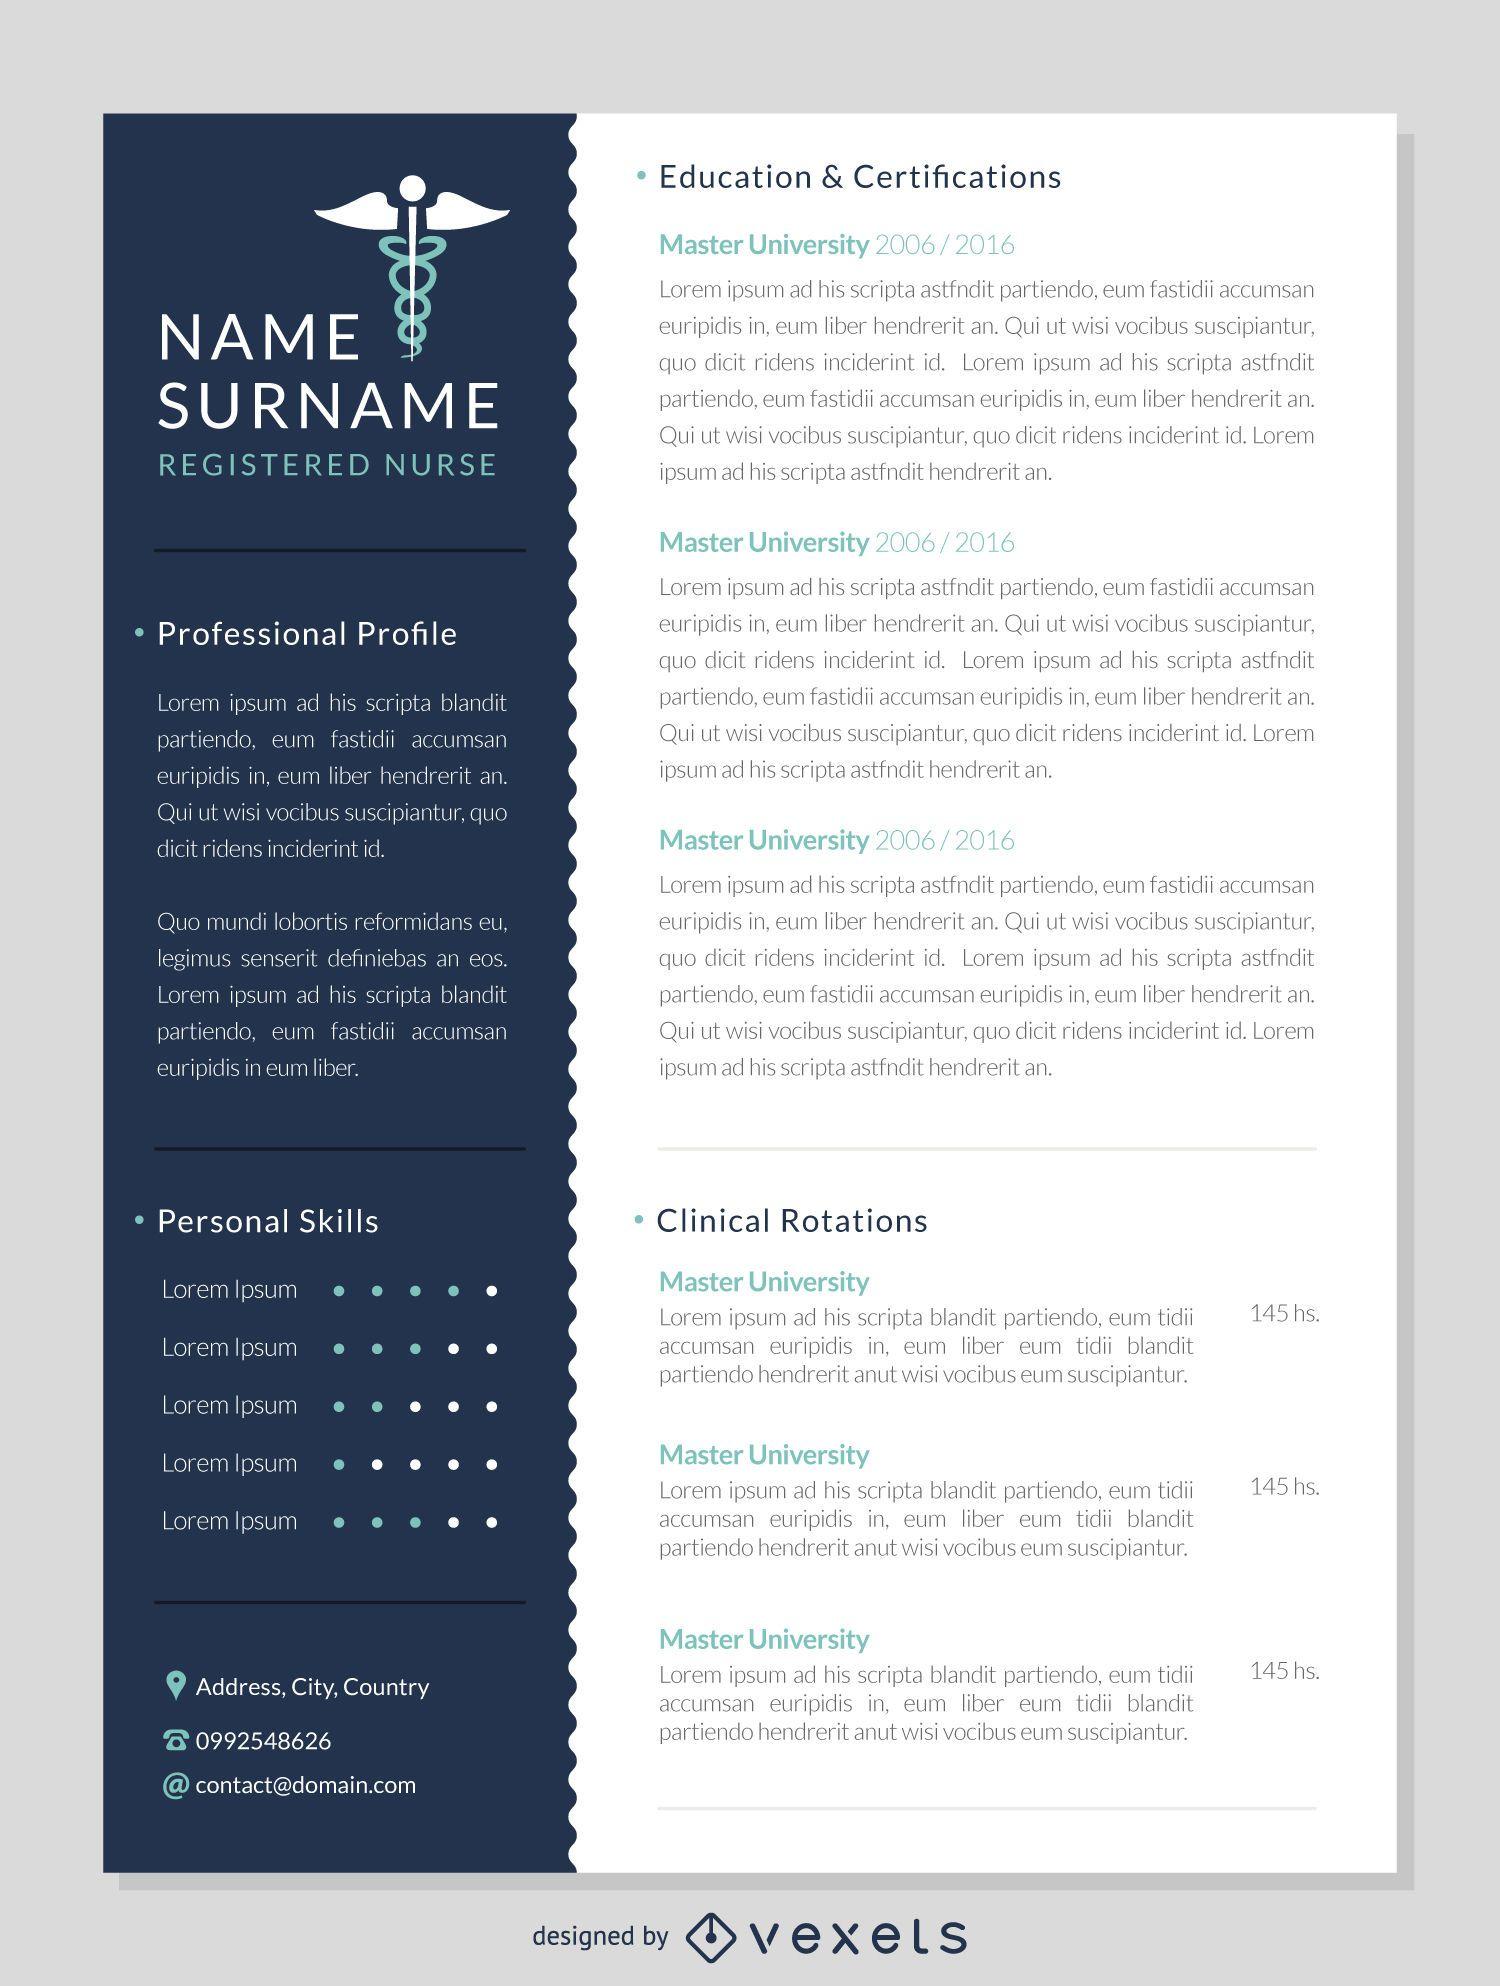 Creador de CV creativo - Diseño editable